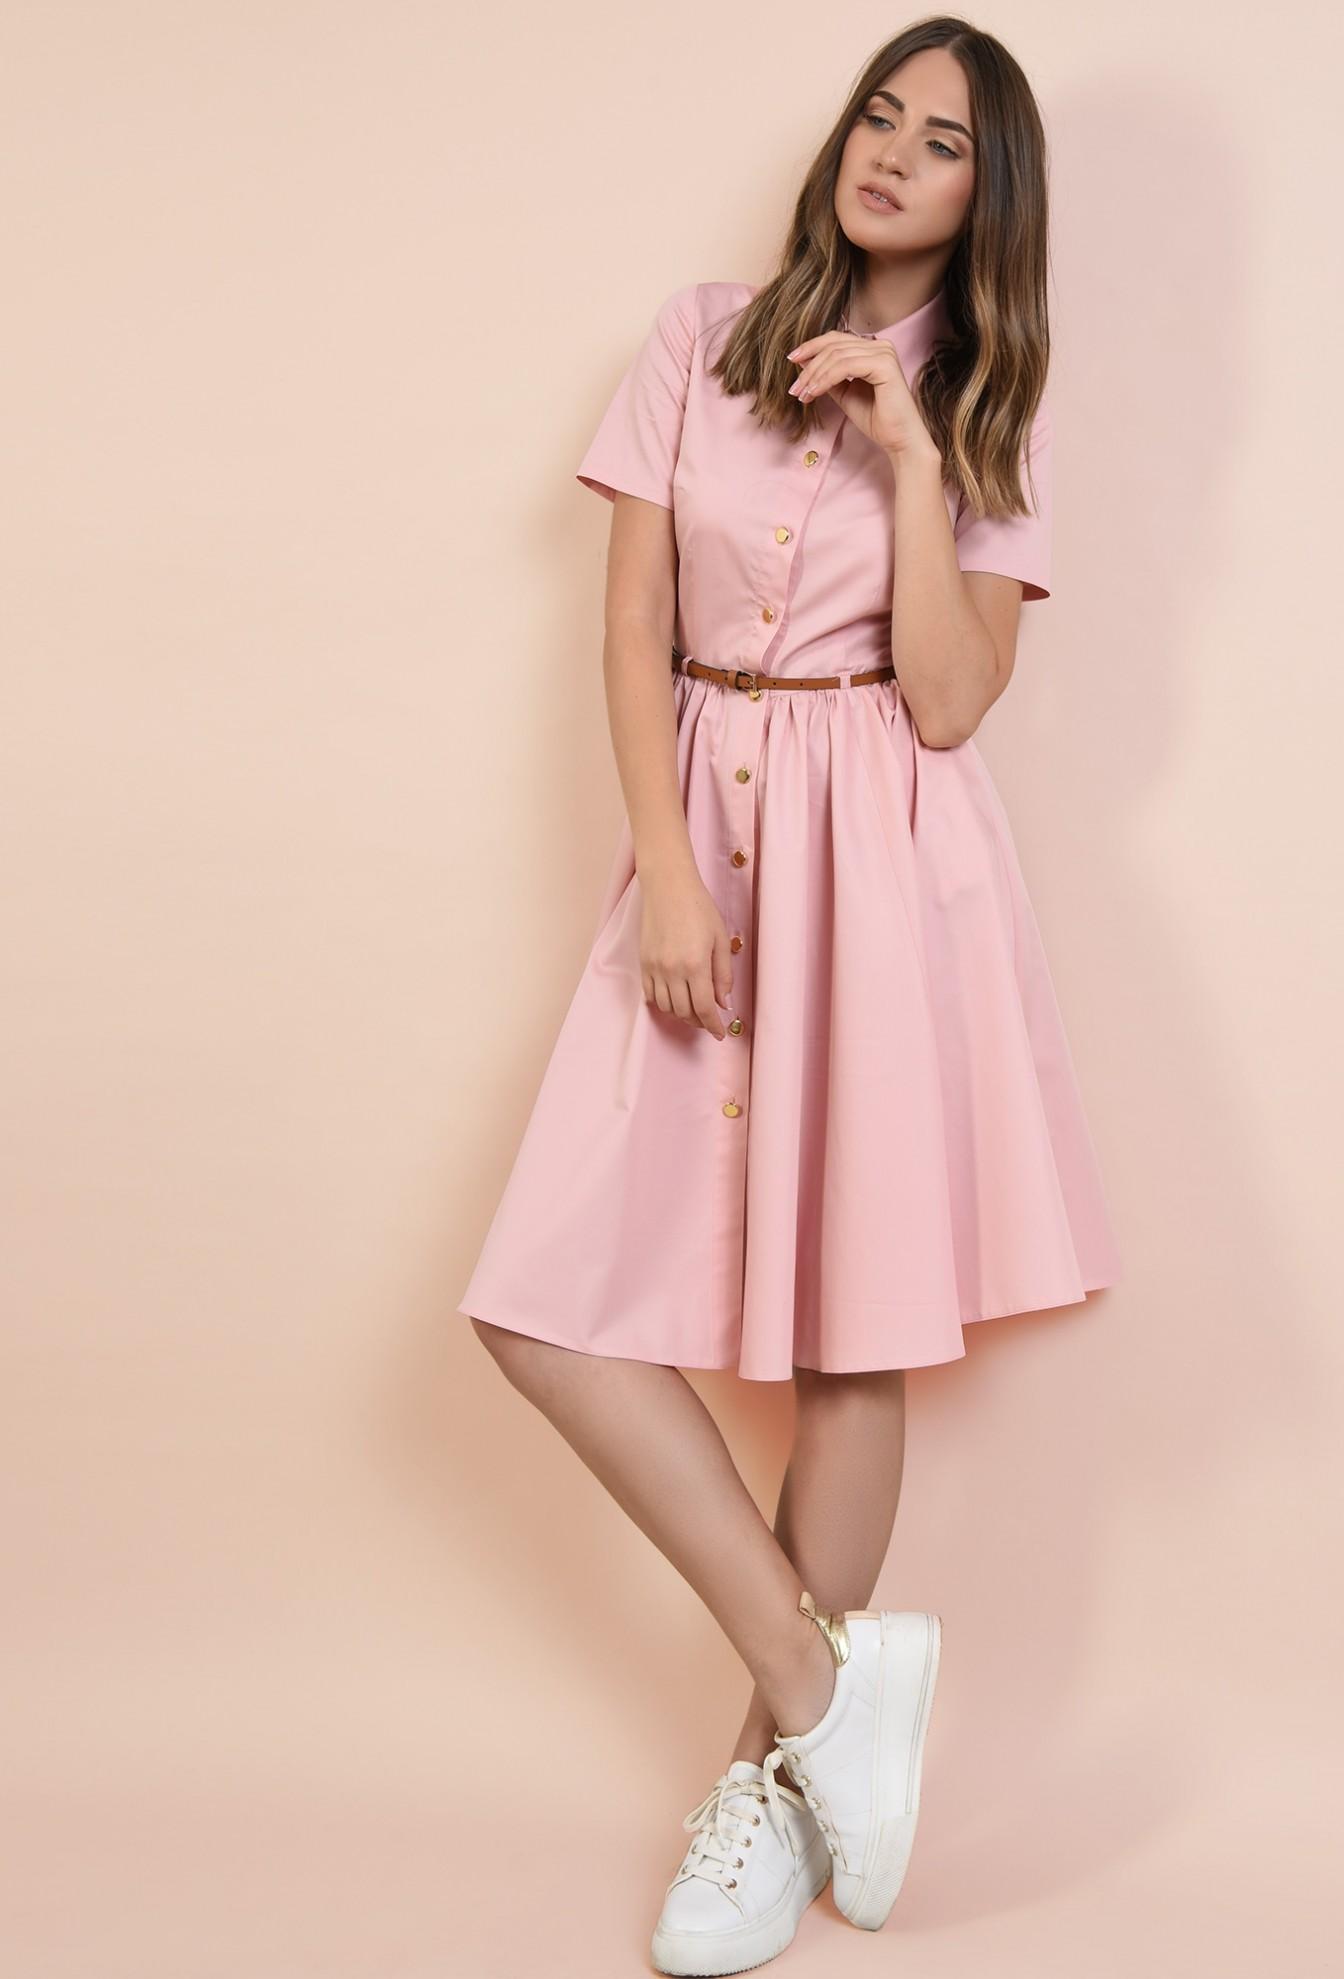 3 - rochie casual, Poema, roz, din bumbac, nasturi, curea, cu guler